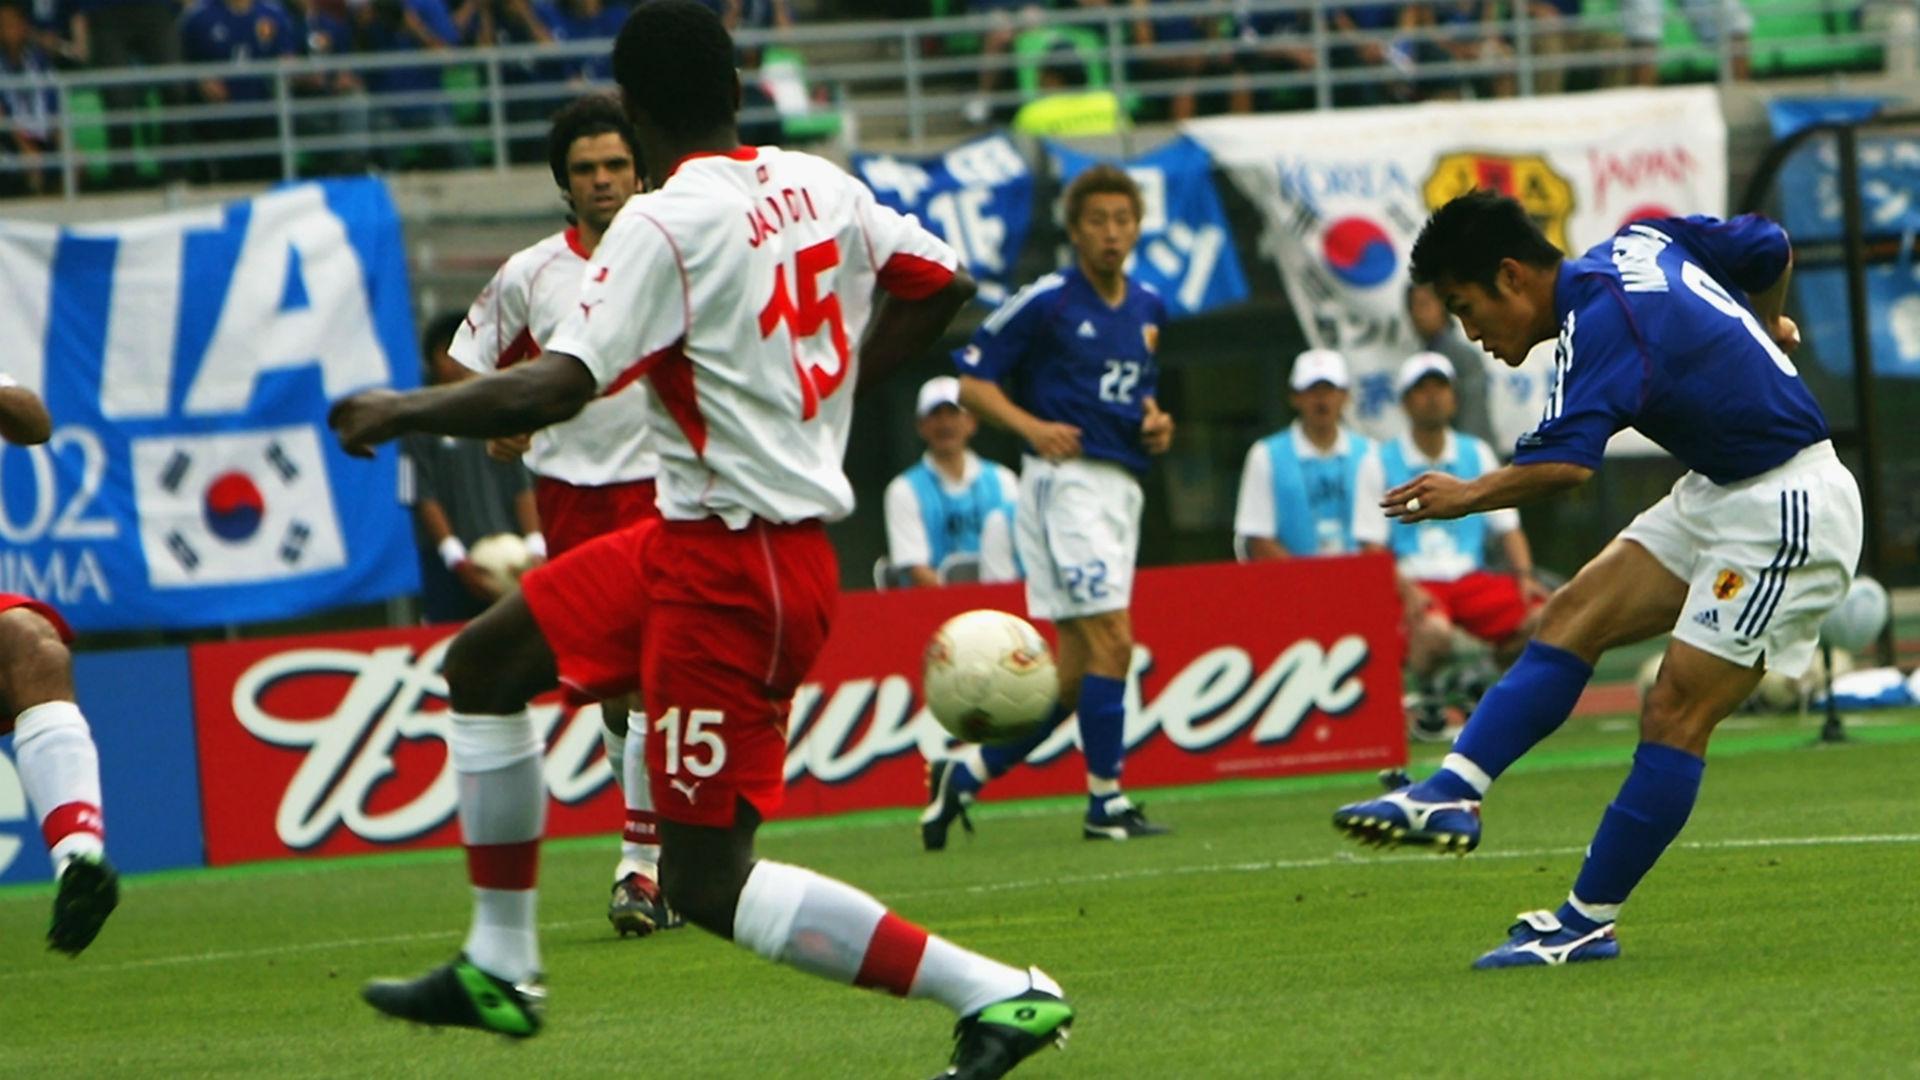 2002--6-14-morishima-hiroaki- goal